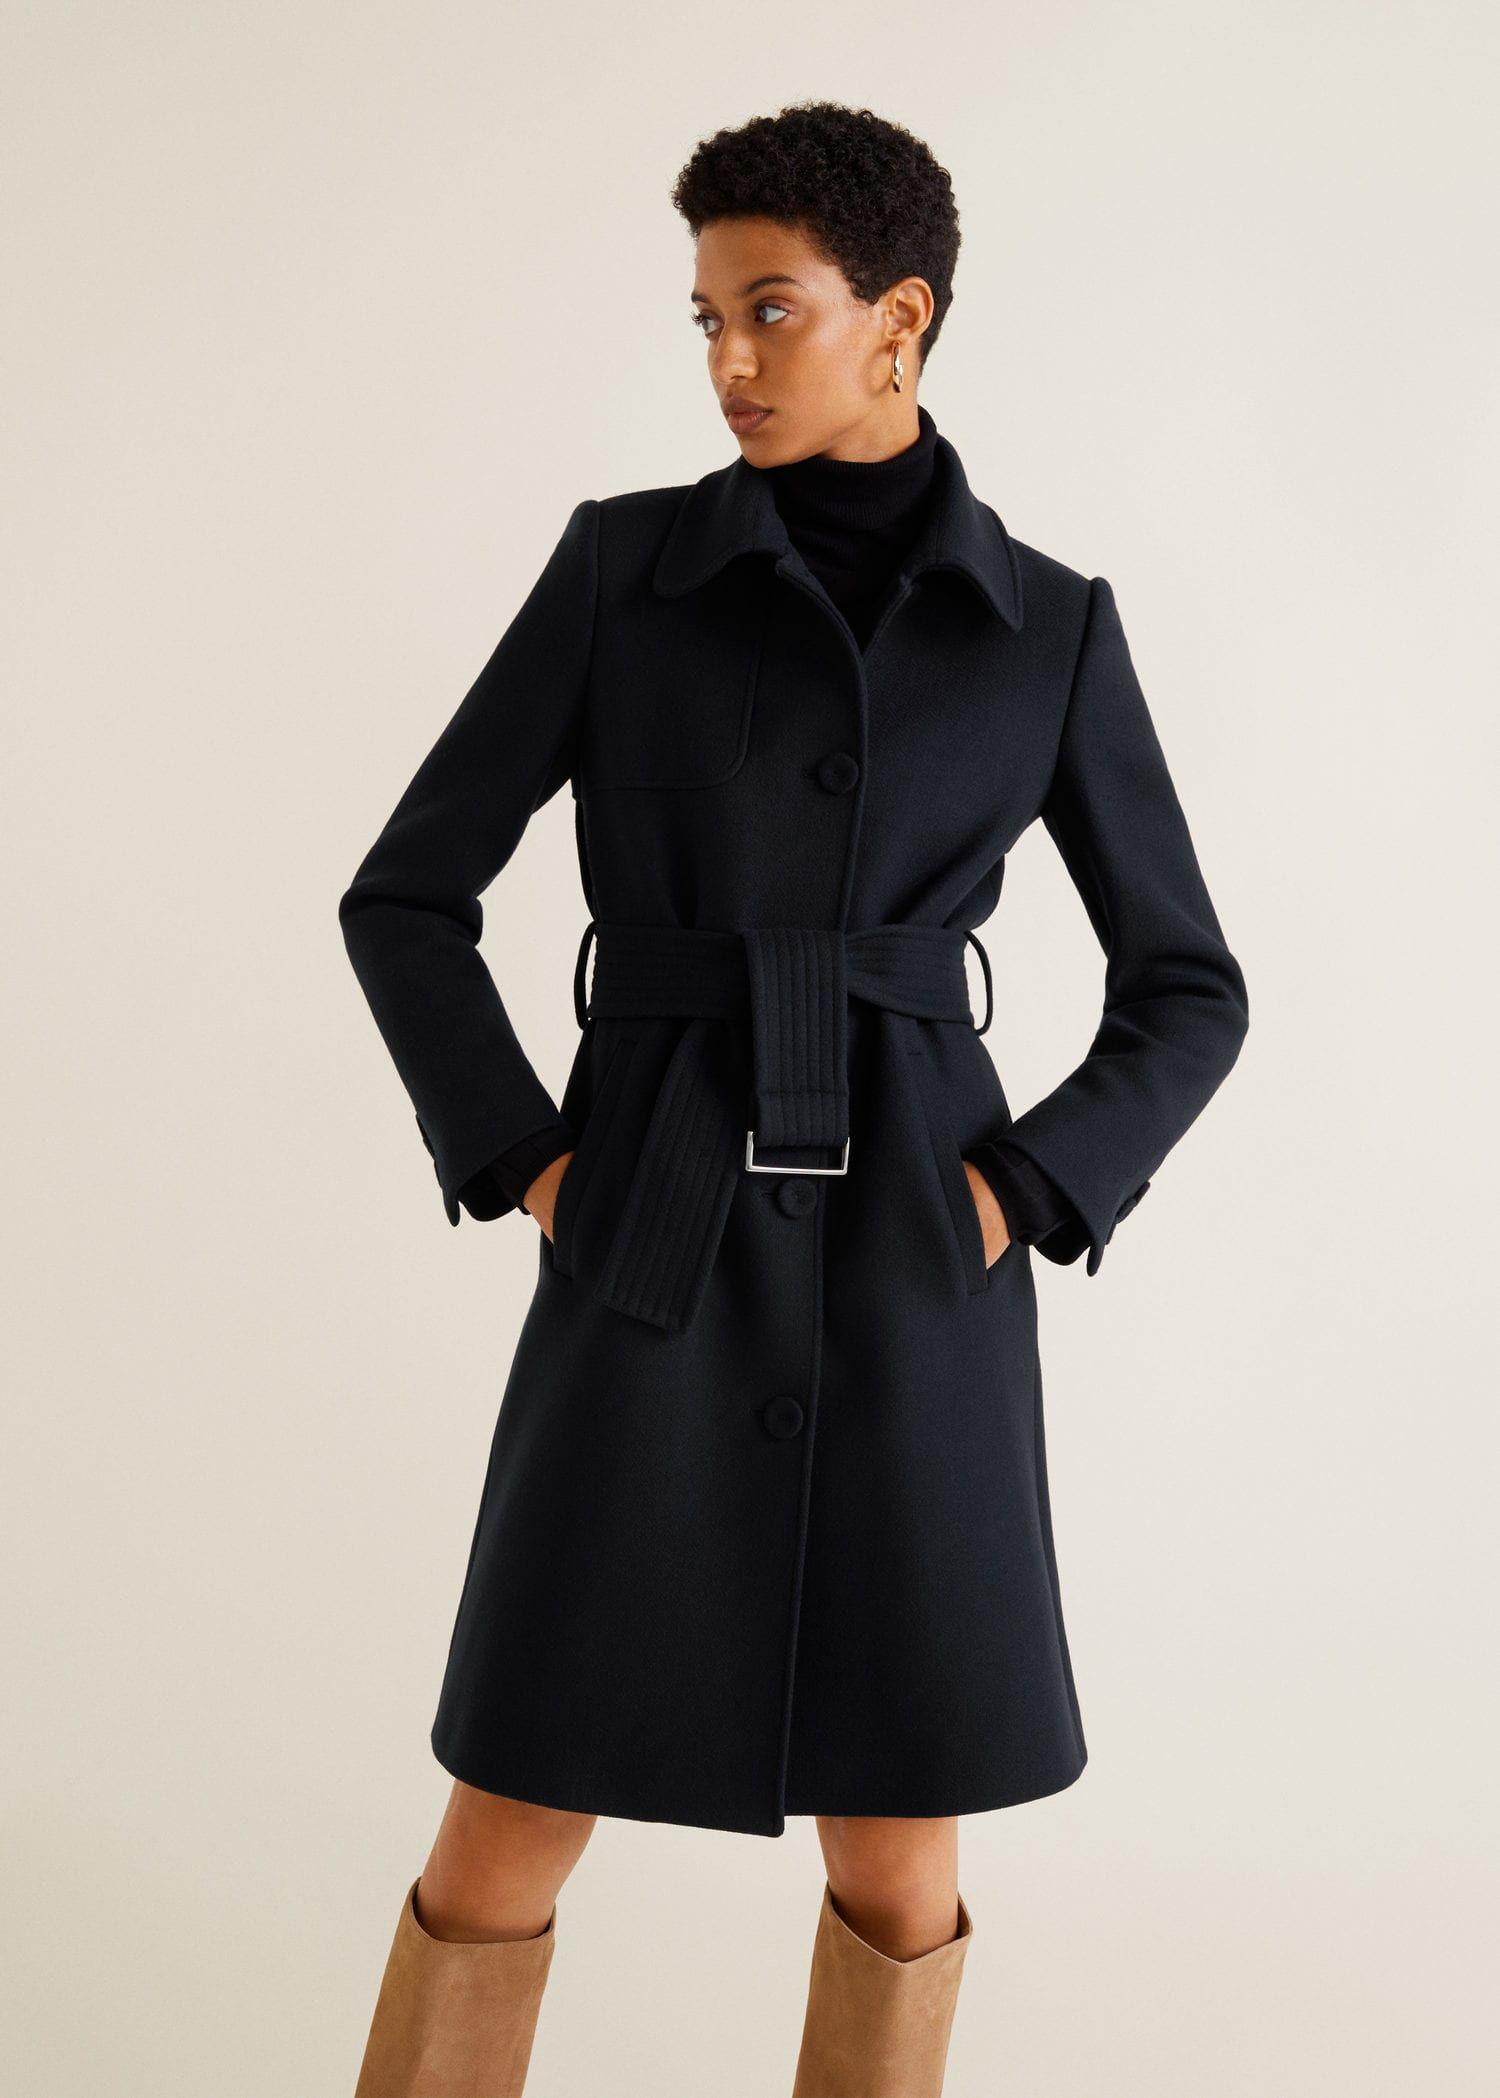 66617f4a5c5c6 MANGO CAMEL Manteau en laine avec ceinture Bleu Marine pas cher prix Manteau  Femme Mango 149.99 € TTC. #Mango #ManteauMango #modefemme #ManteauFemme  #Iziva ...